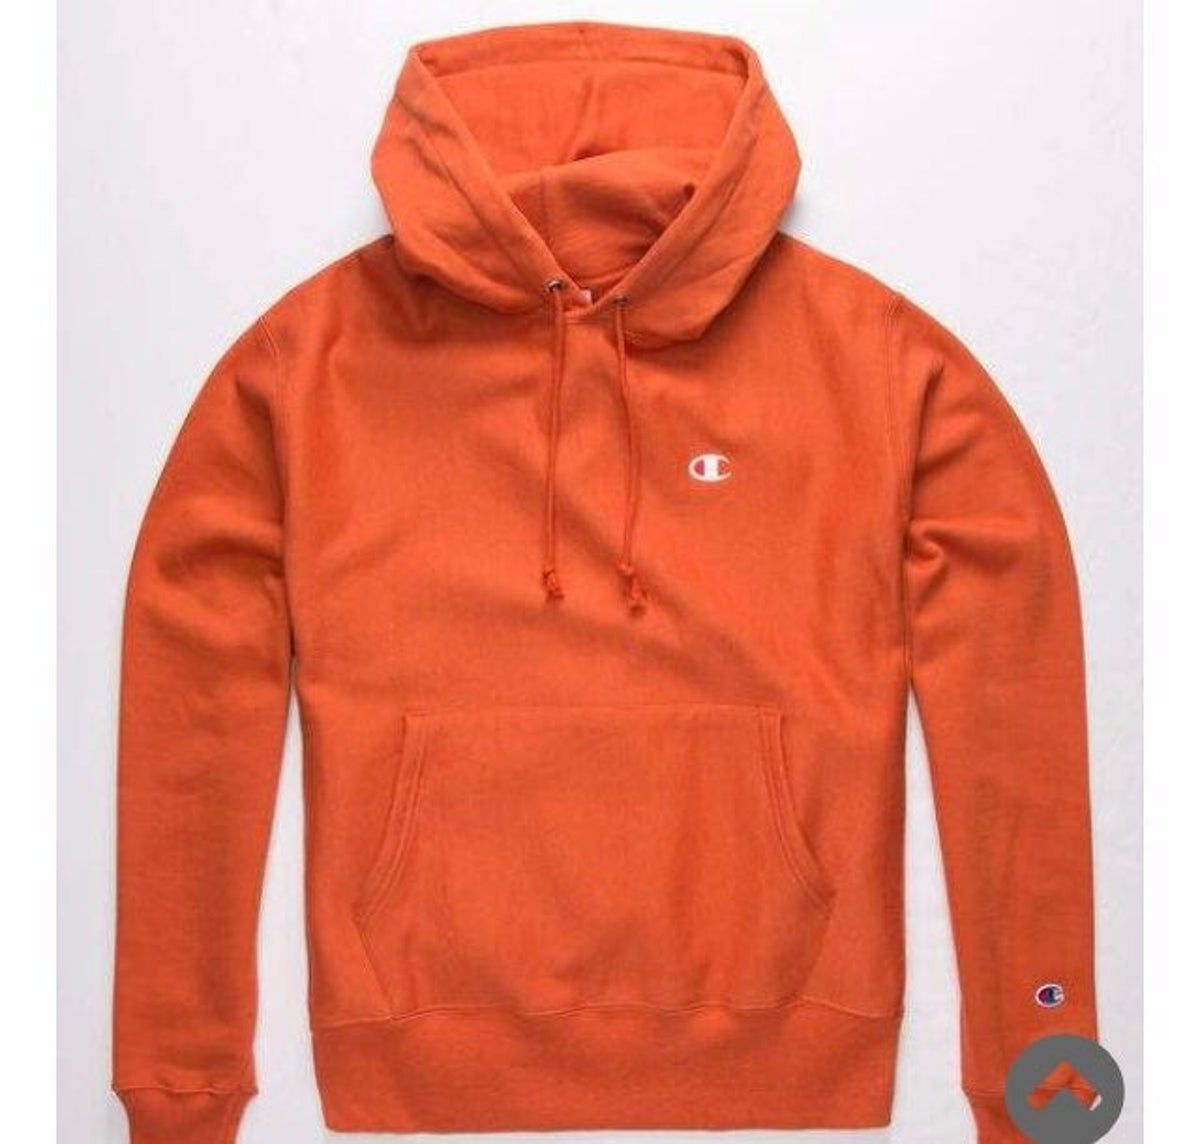 Champion Hoodie On Mercari Hoodies Men Orange Champion Hoodie Hoodies [ 1144 x 1200 Pixel ]